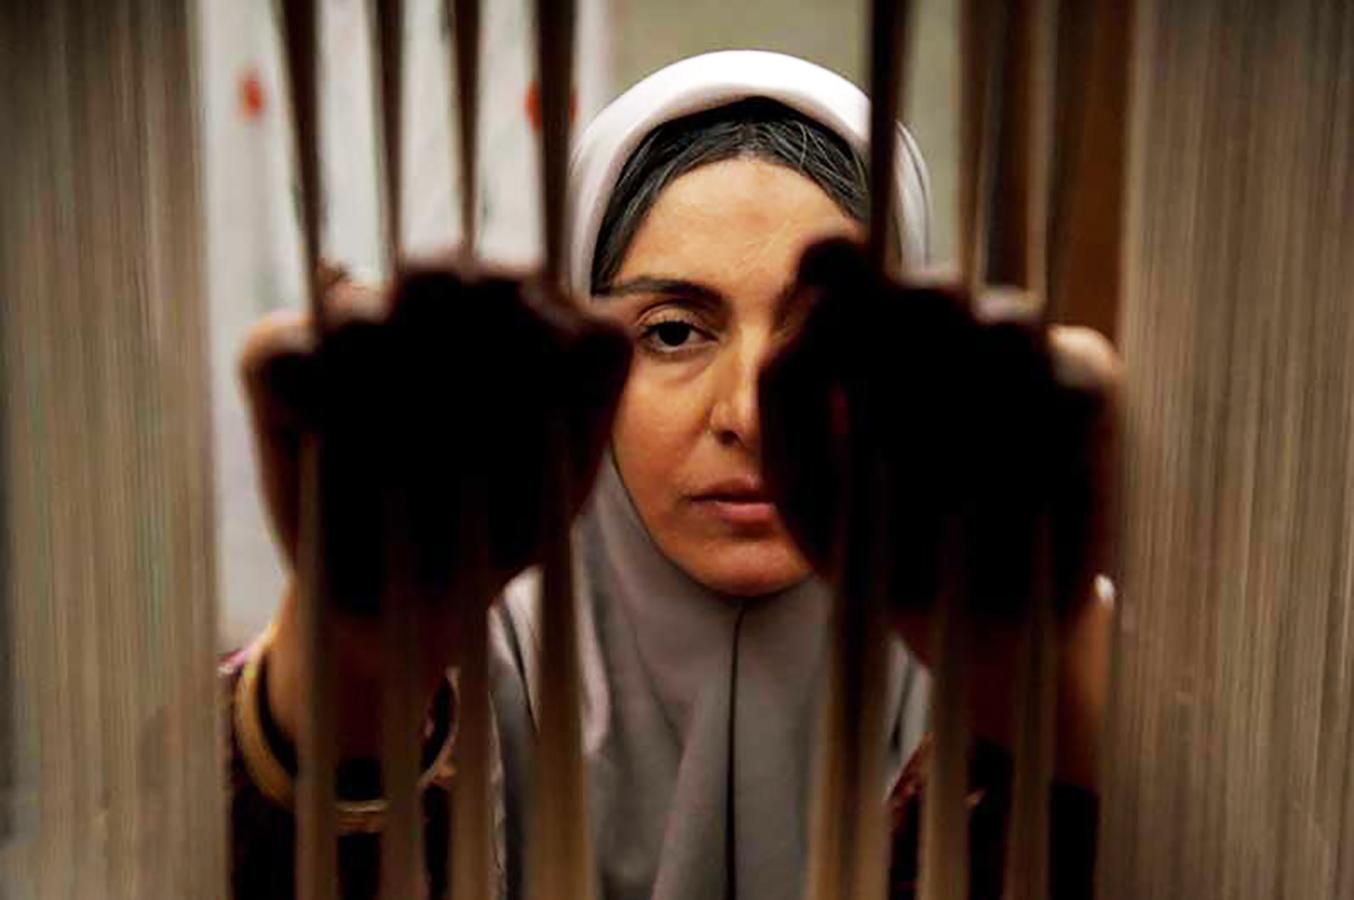 بررسی فیلم «شیار 143»: سیمای زنی در میان جمع